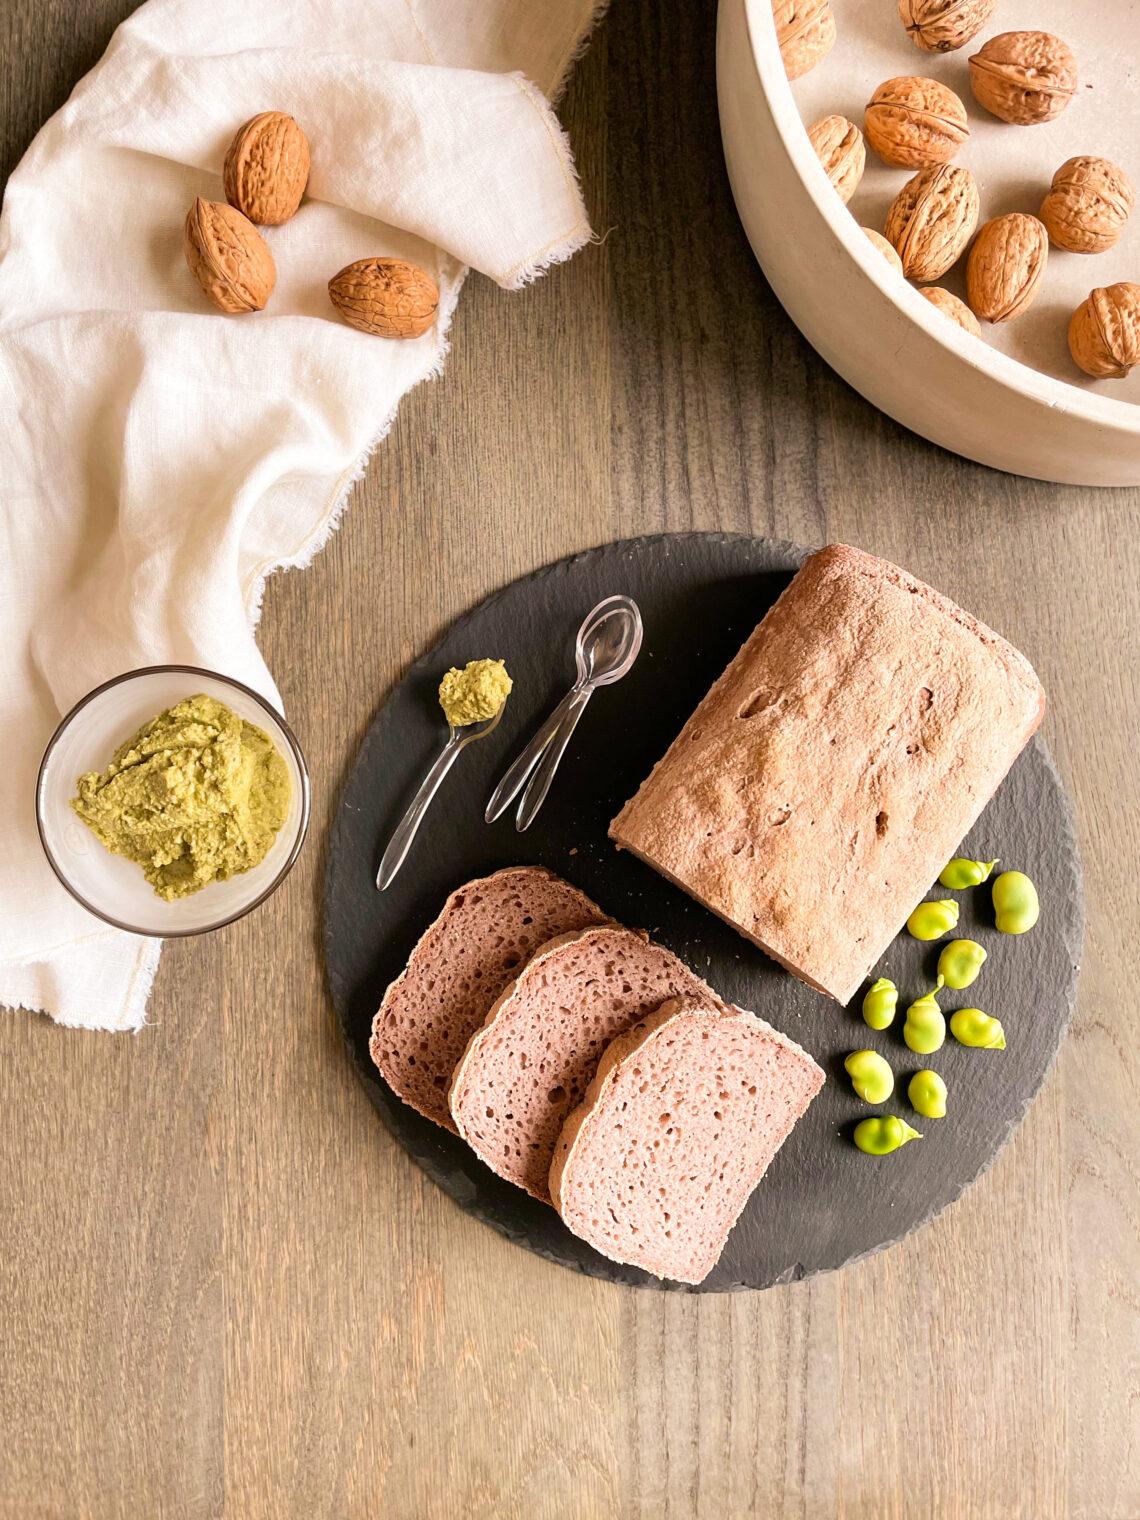 Pancarrè integrale con farina di riso integrale, farina di teff, farina di quinoa e con acqua di cavolo viola